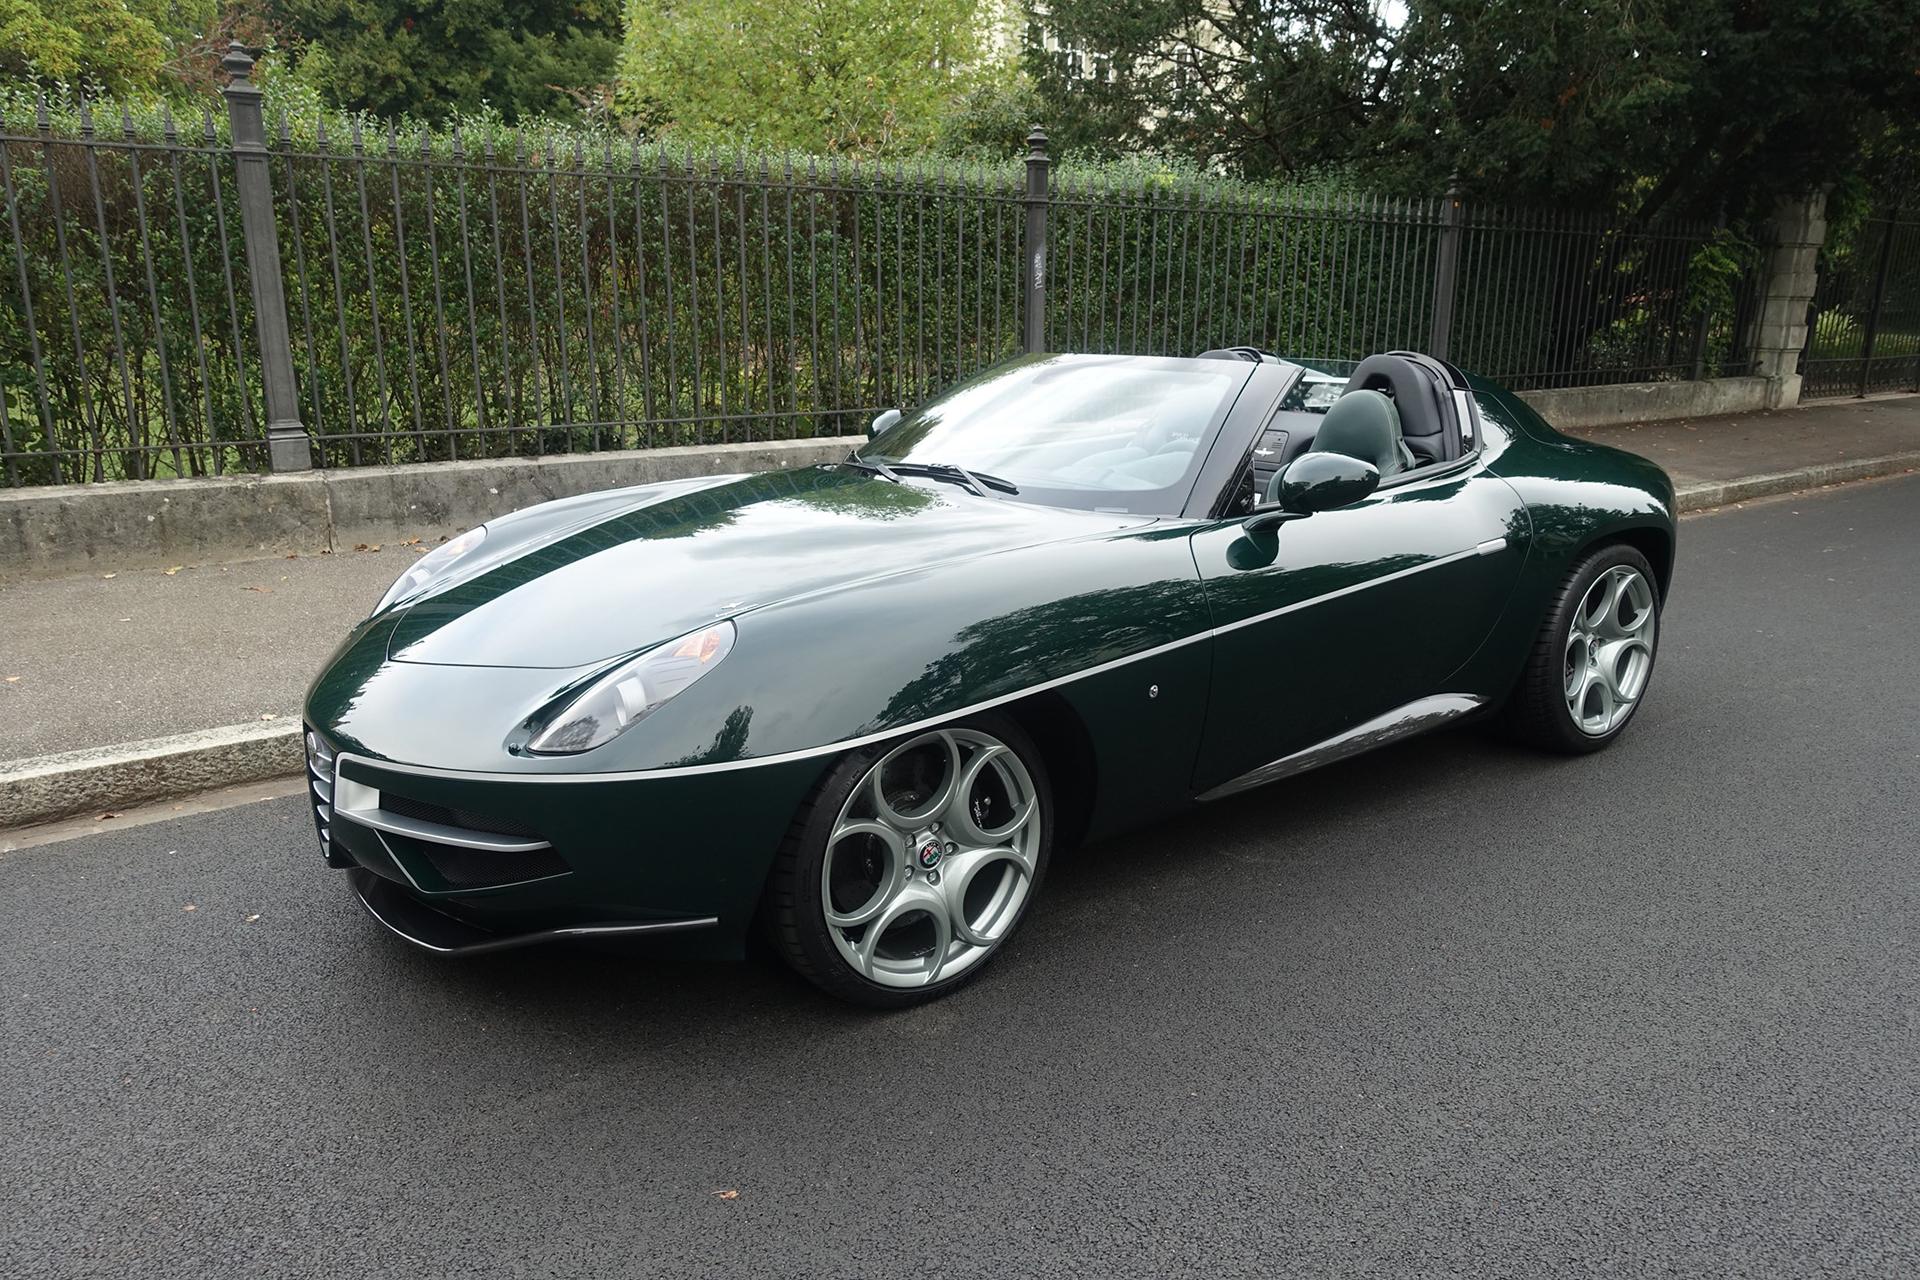 Alfa Romeo Disco Volante Spyder for sale